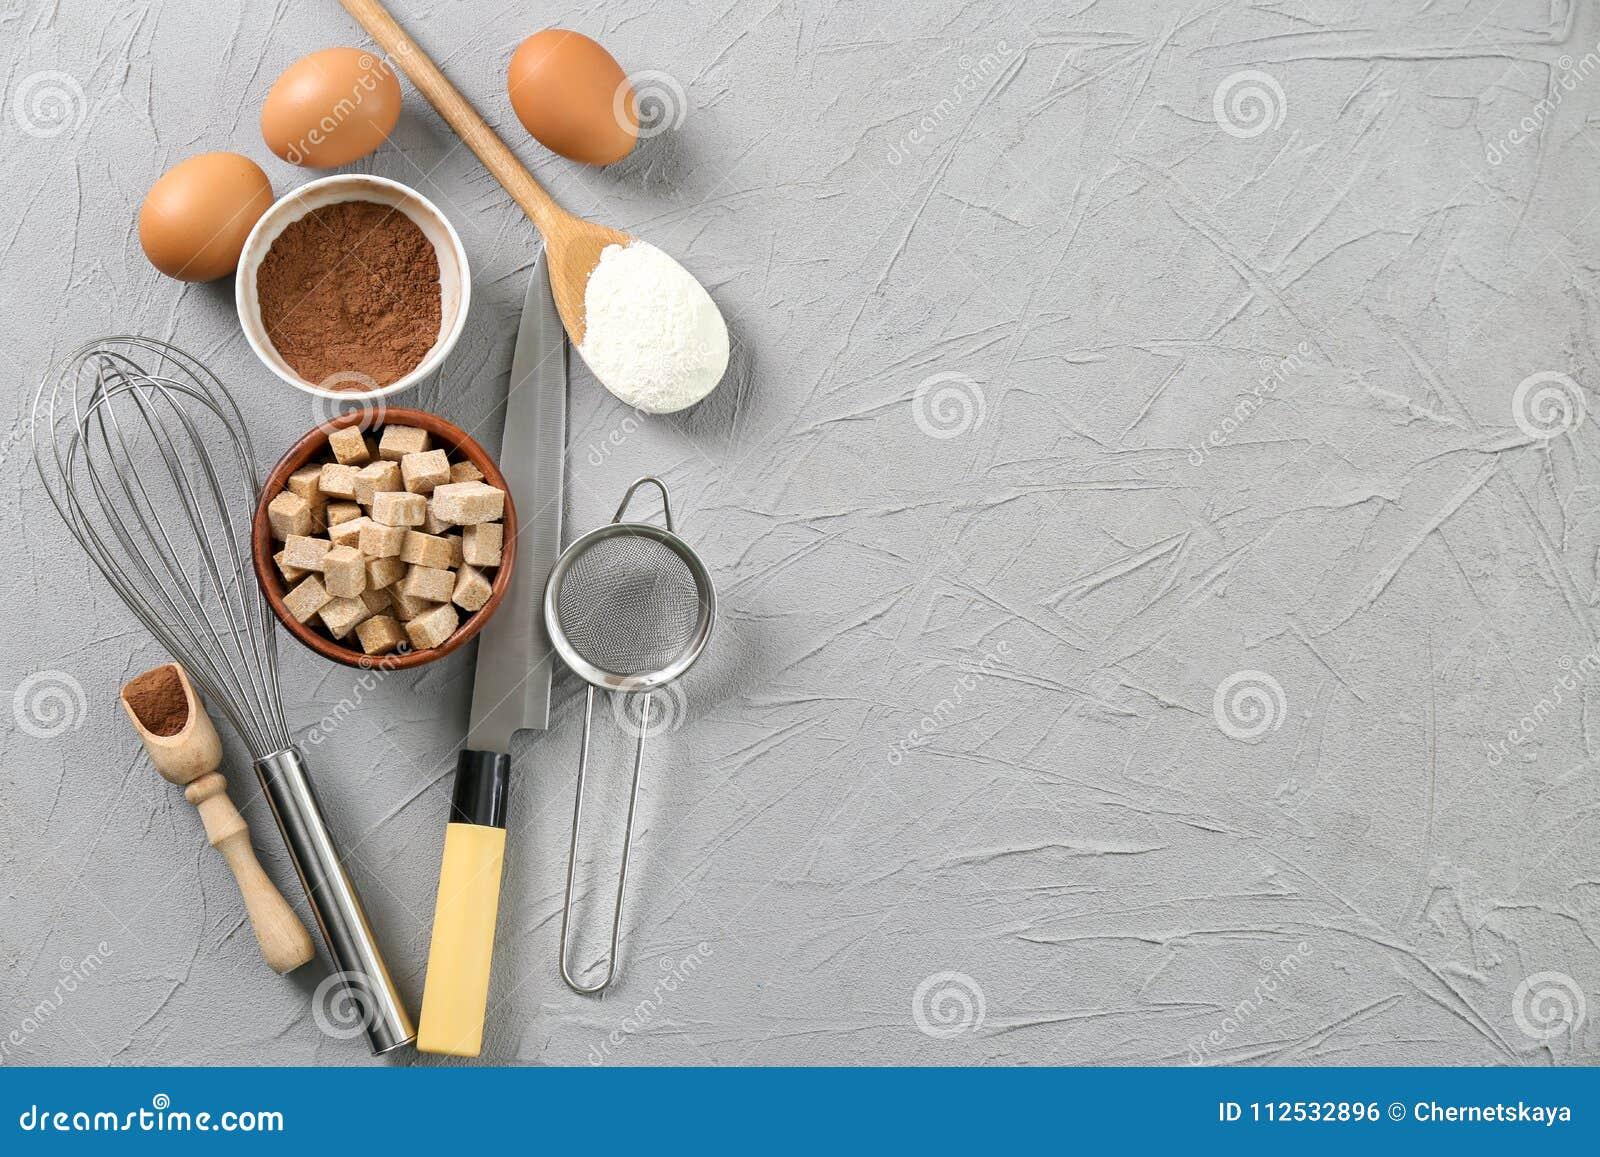 Комплект kitchenware и продуктов на серой предпосылке